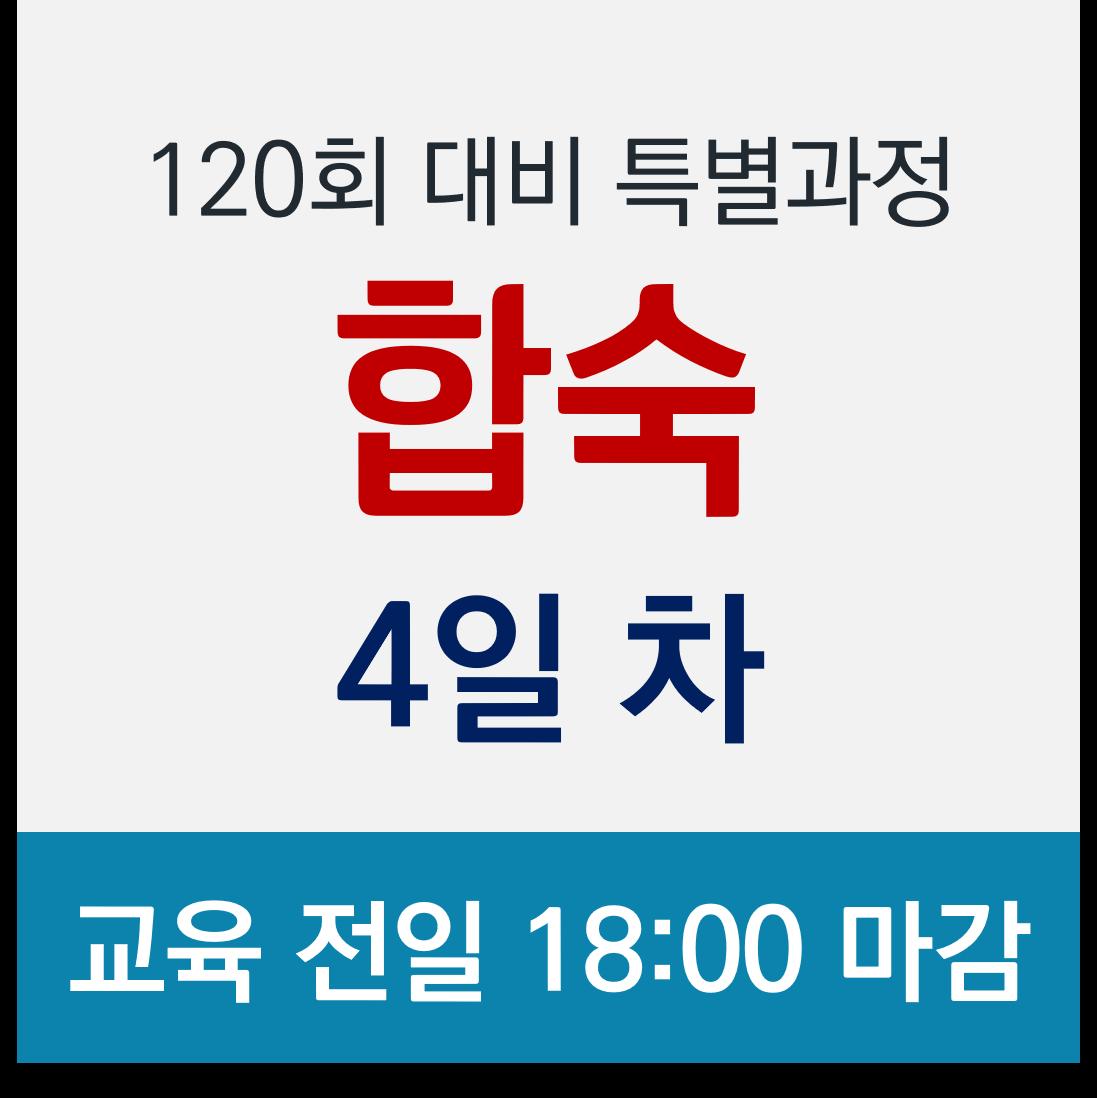 [합숙] 120회 정보처리기술사 특별과정 2020.01.30(목) / 4차